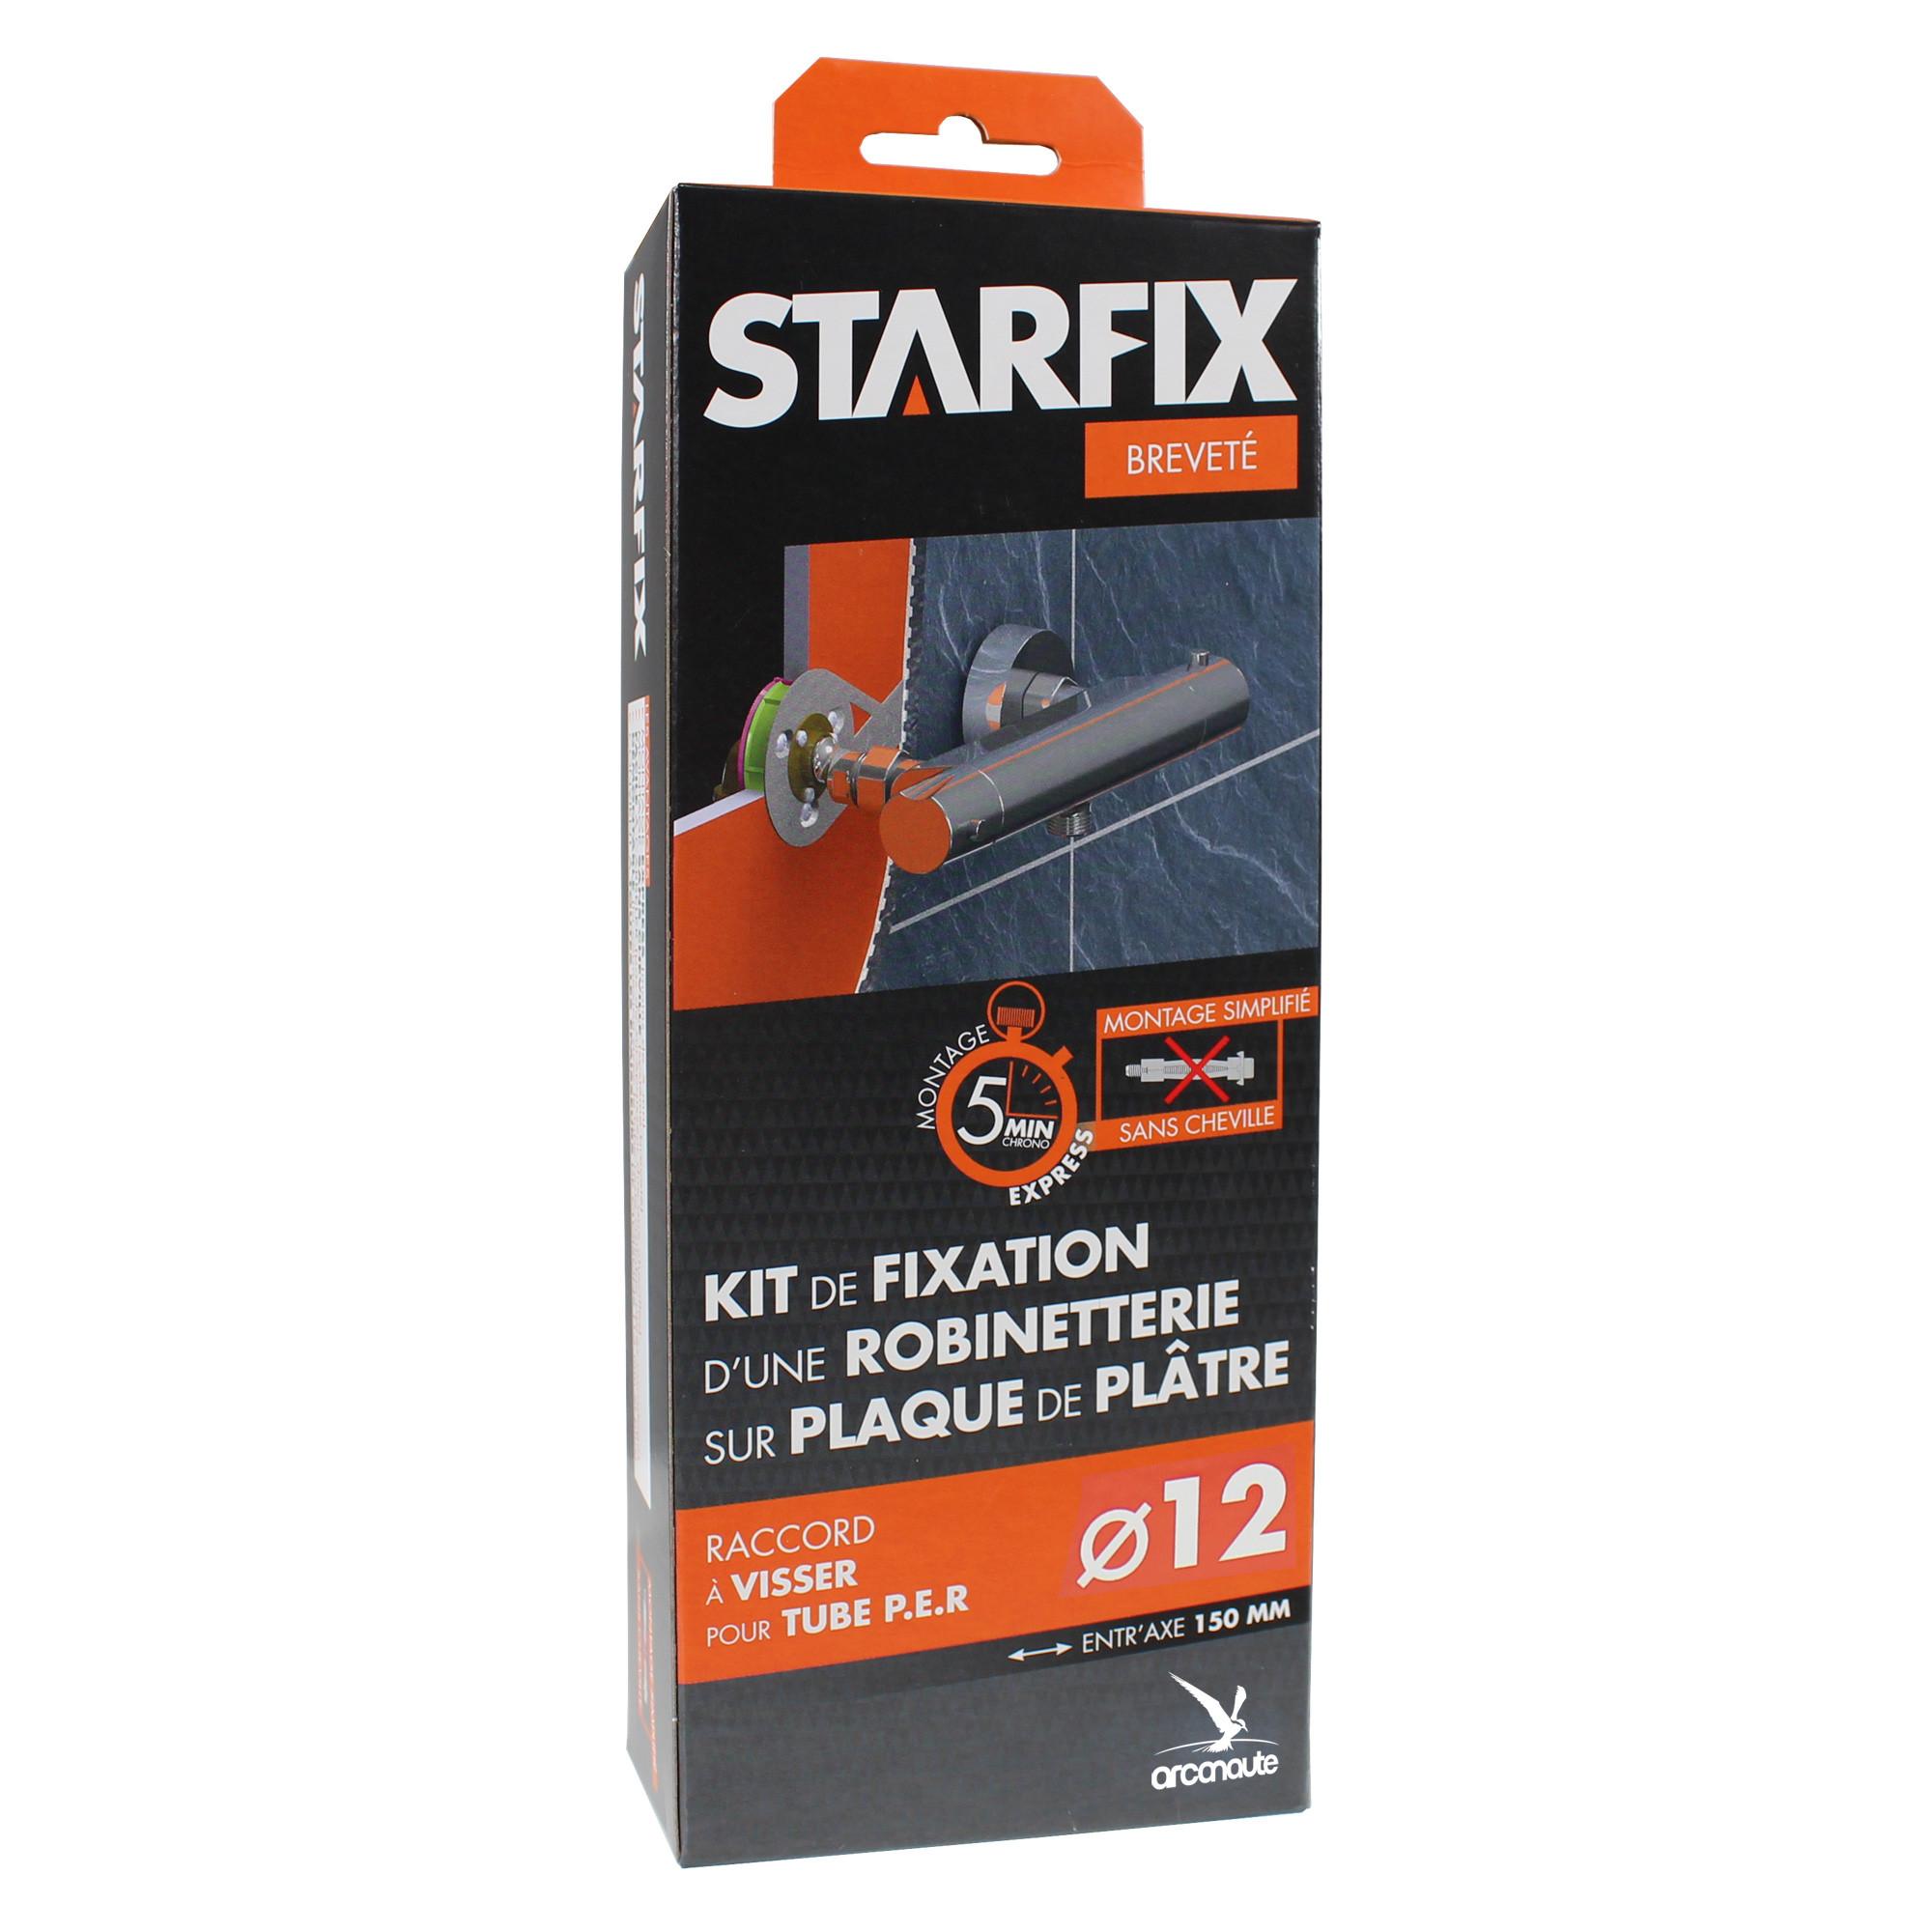 kit de fixation starfix pour robinetterie sur plaque de pl tre. Black Bedroom Furniture Sets. Home Design Ideas